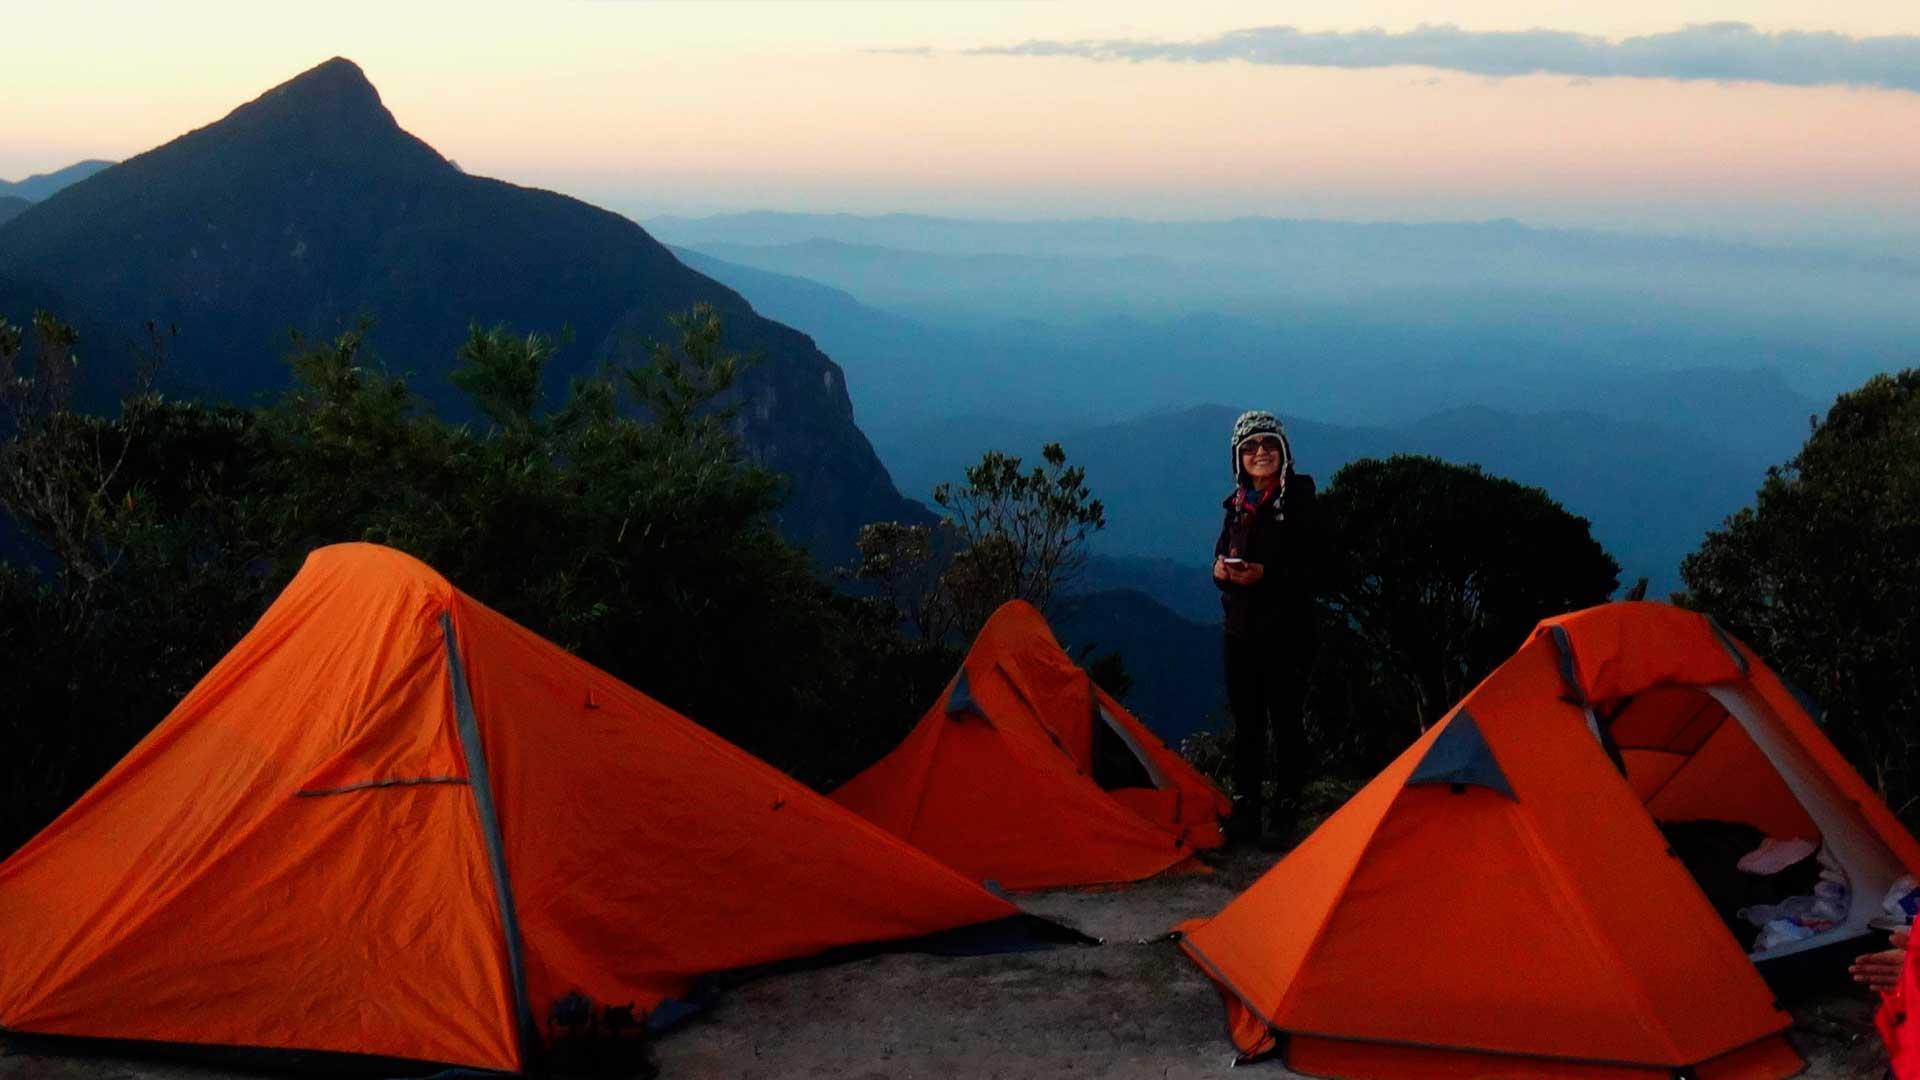 Mulher acampando no pico de uma montanha, com 3 barracas laranjas montadas. Ao fundo vemos outras montanhas e nuvens.